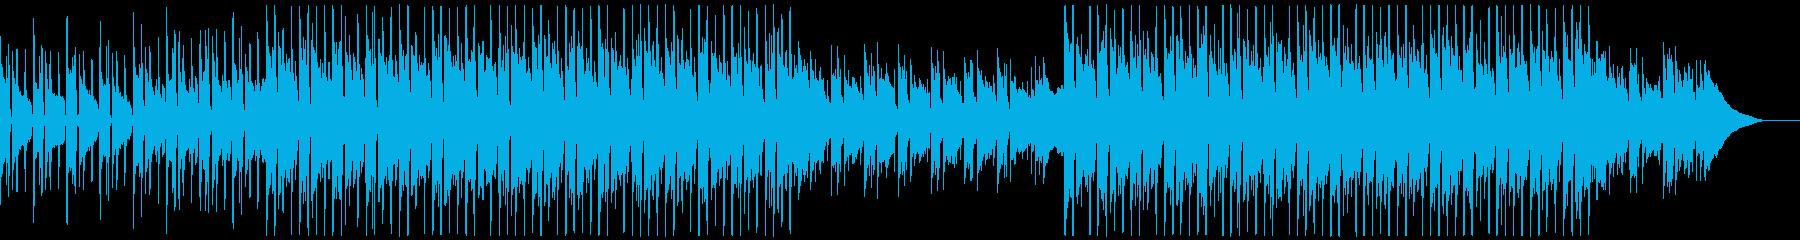 爽やか・明るいアコースティックギターOPの再生済みの波形